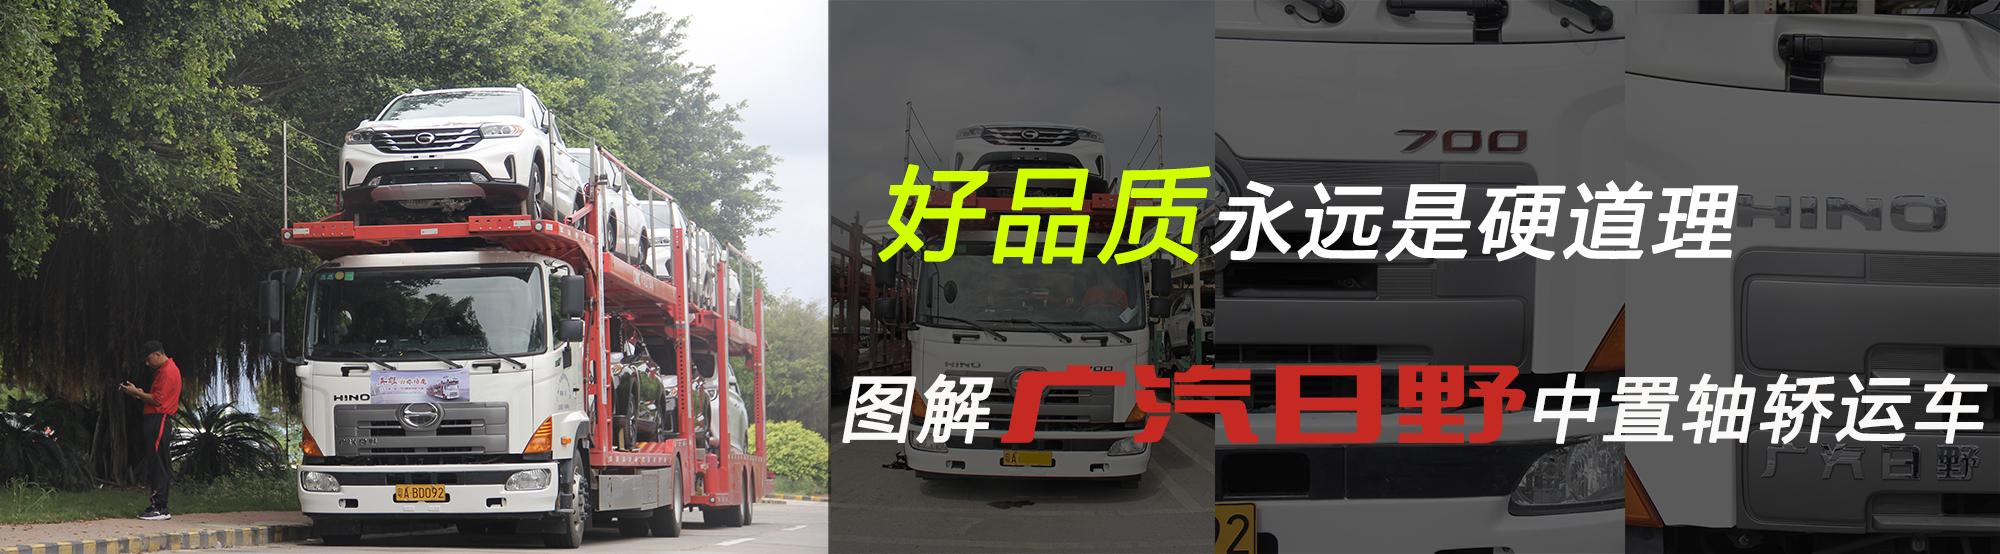 [静态测评]好品质永远是硬道理 详解广汽日野中置轴轿运车